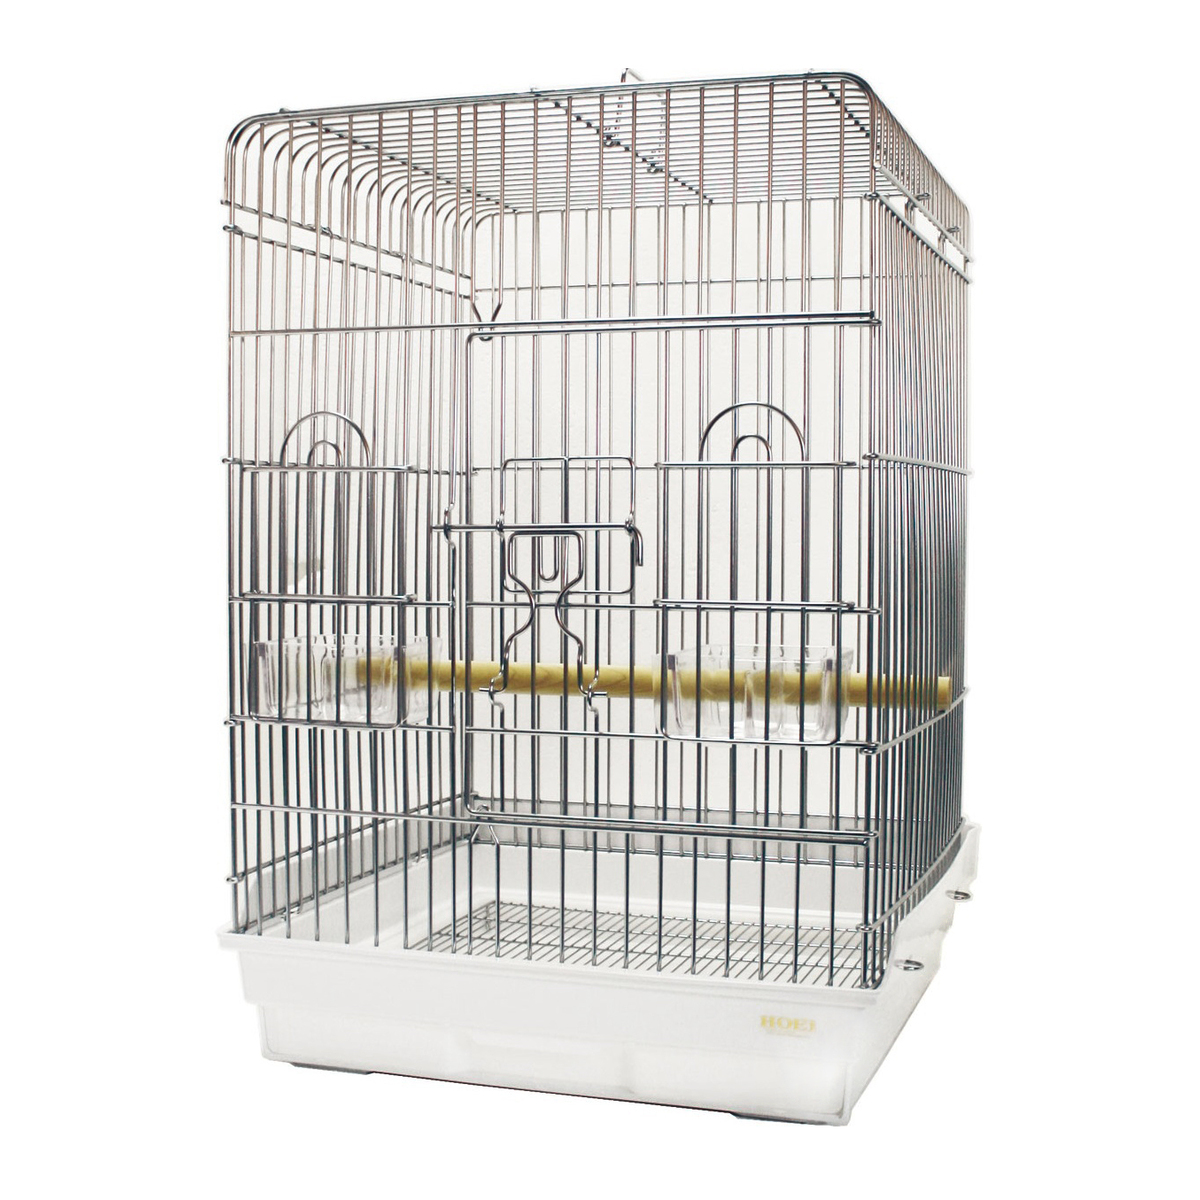 【お取寄せ品】HOEI HOEI 465 オウムステンレス 鳥用【送料無料】